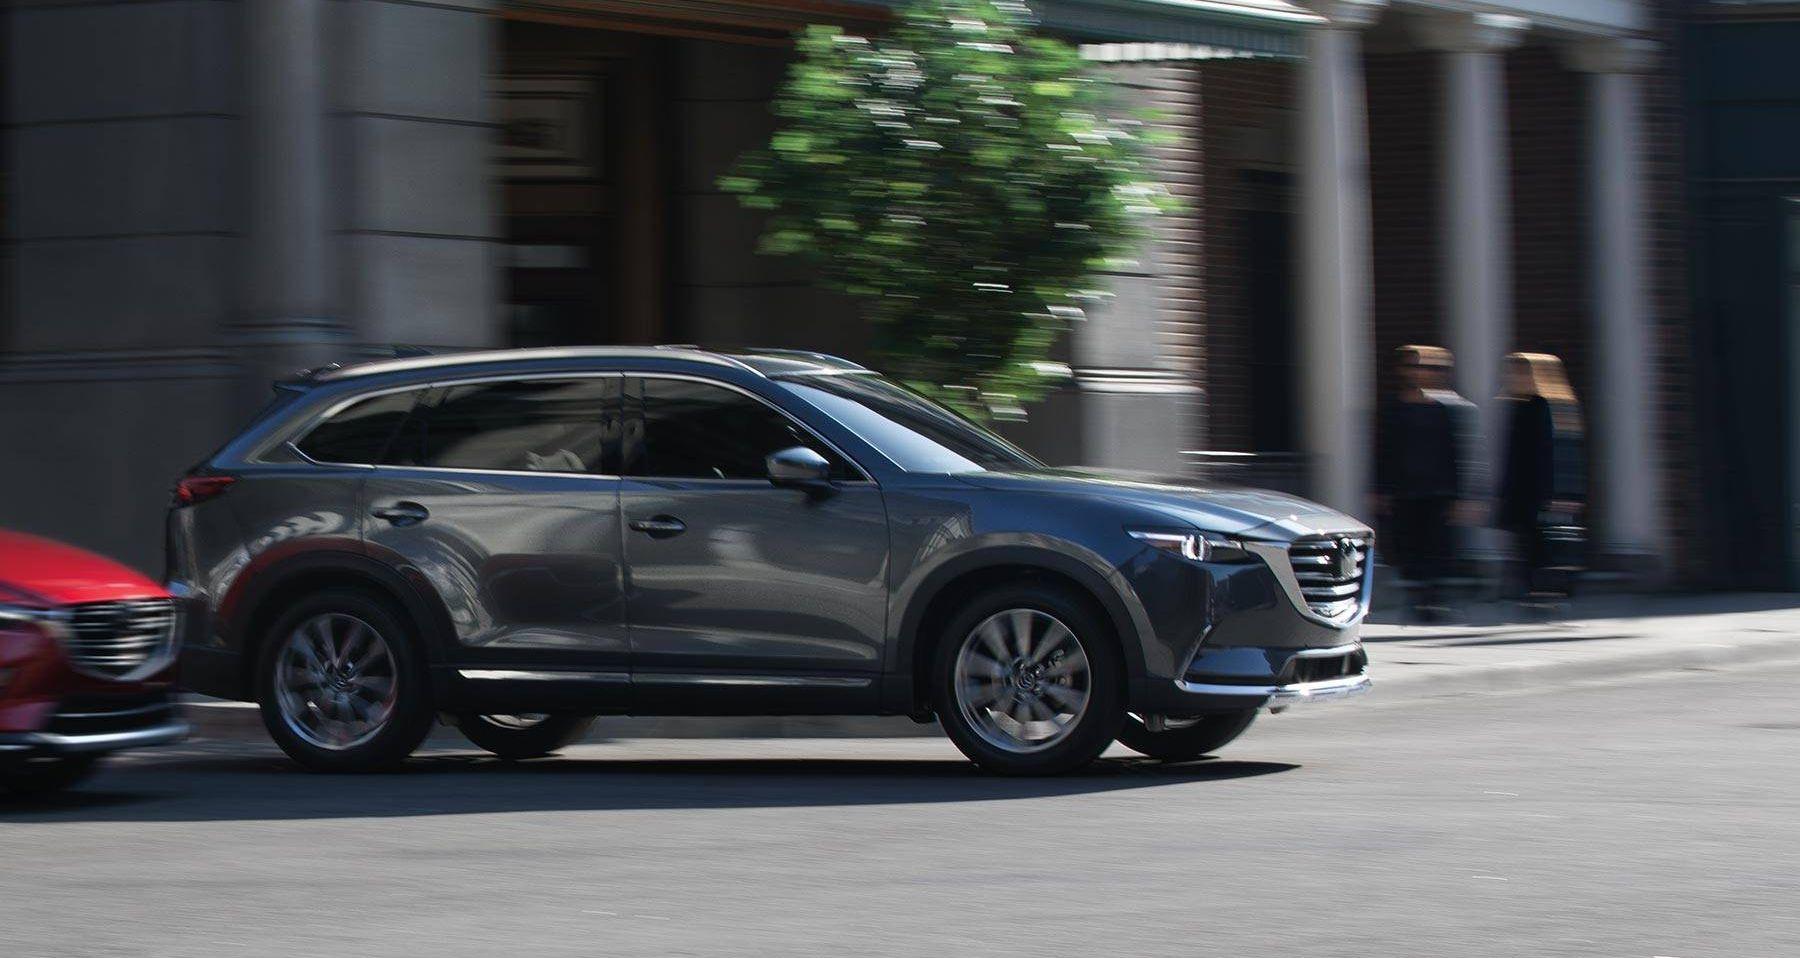 2019 Mazda CX-9 for Sale near Lansing, MI